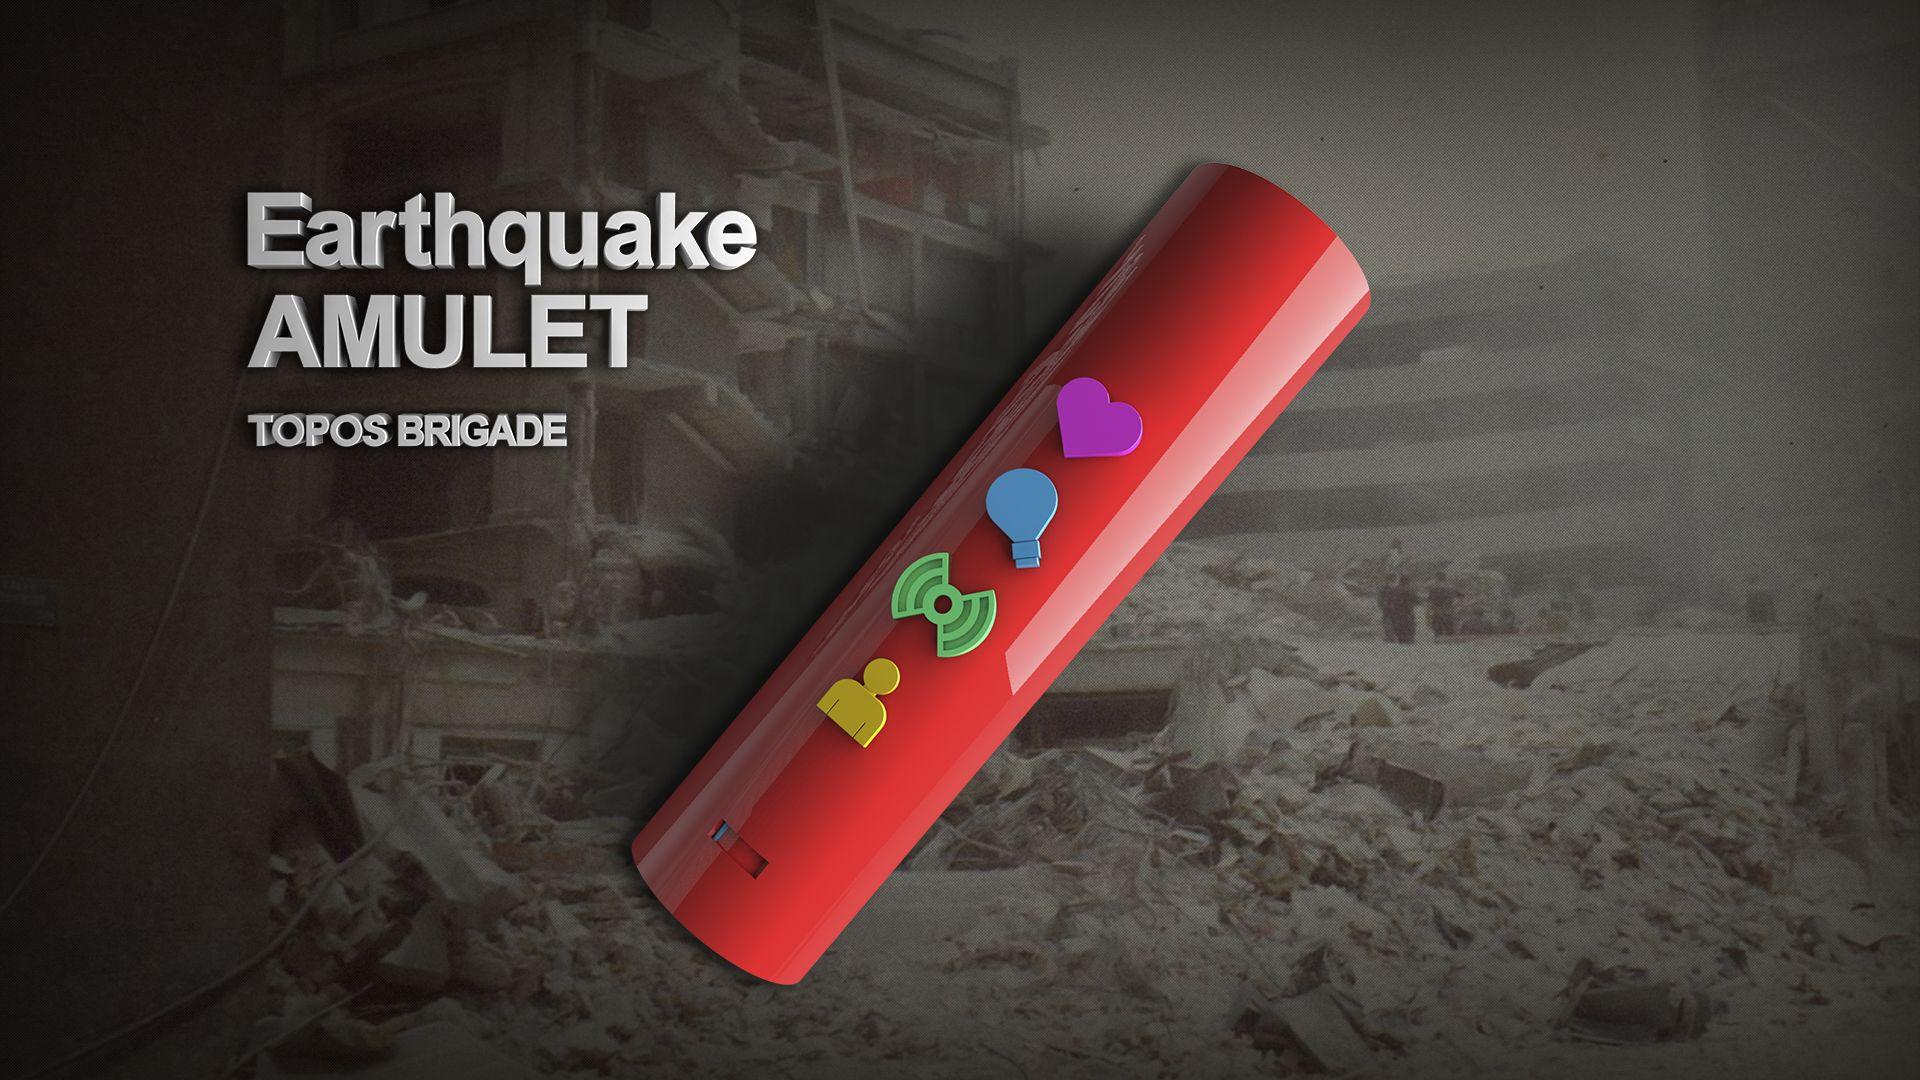 Earthquake rescue device